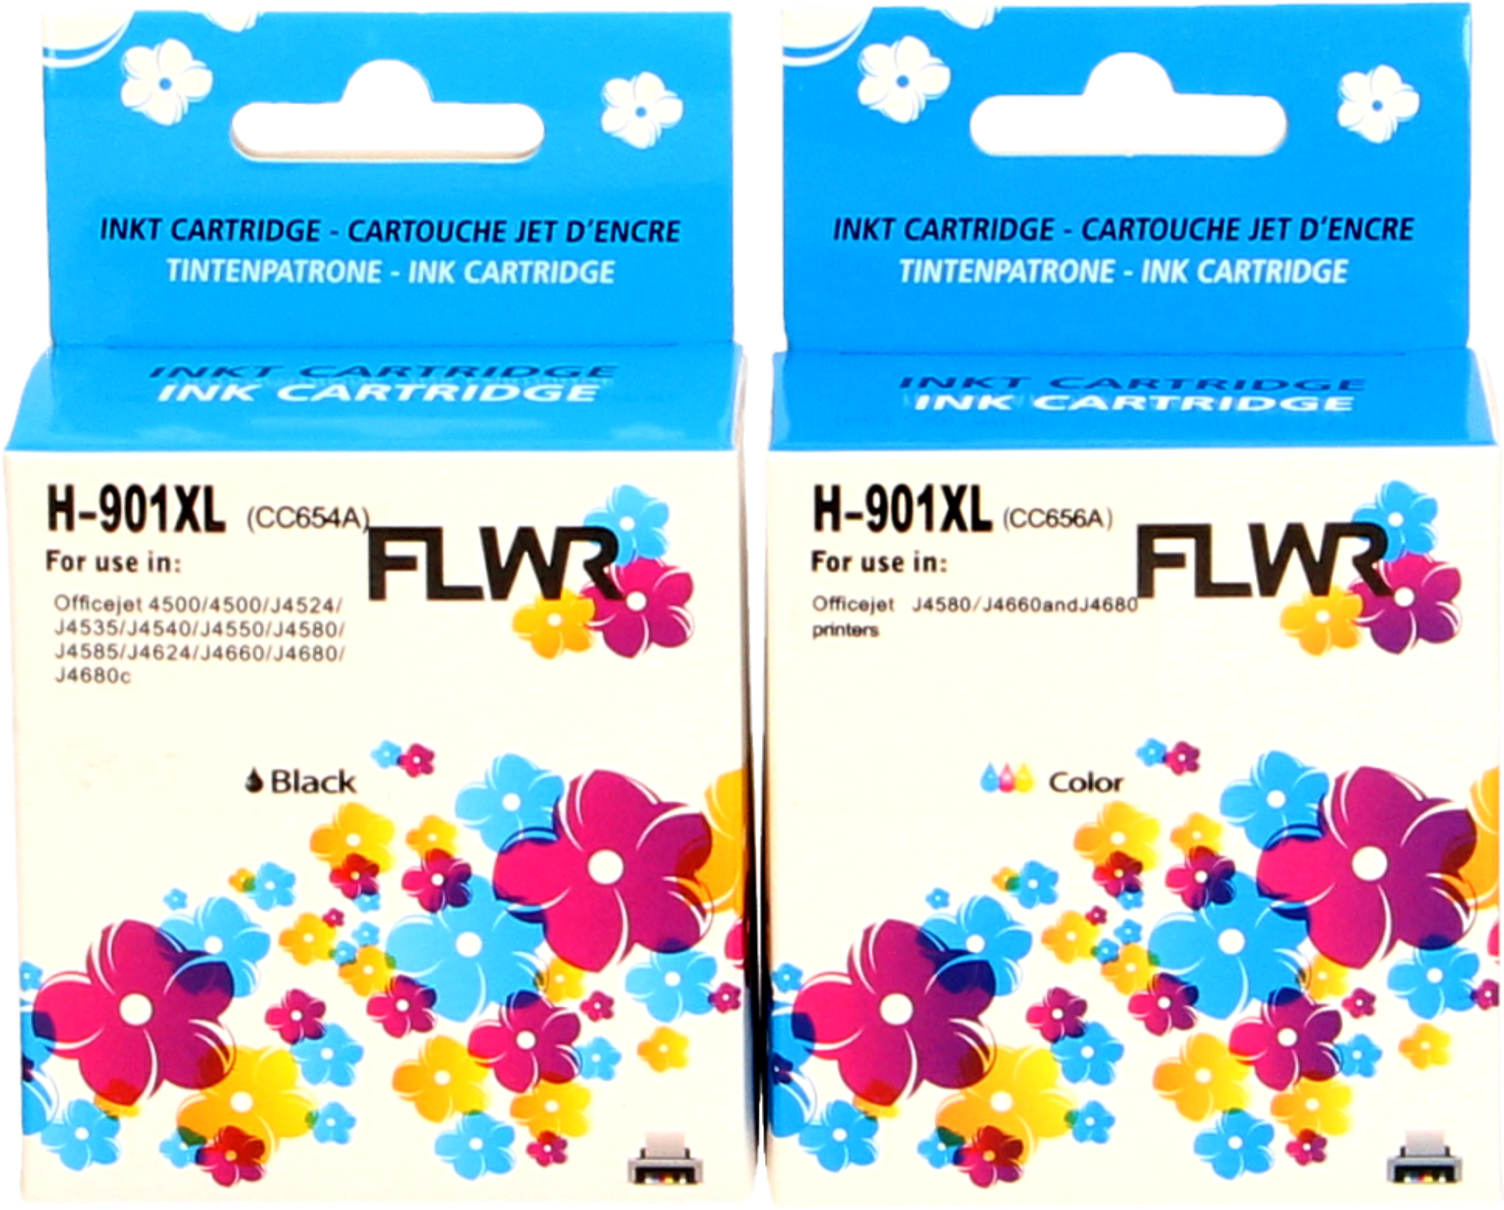 FLWR HP 901XL Multipack